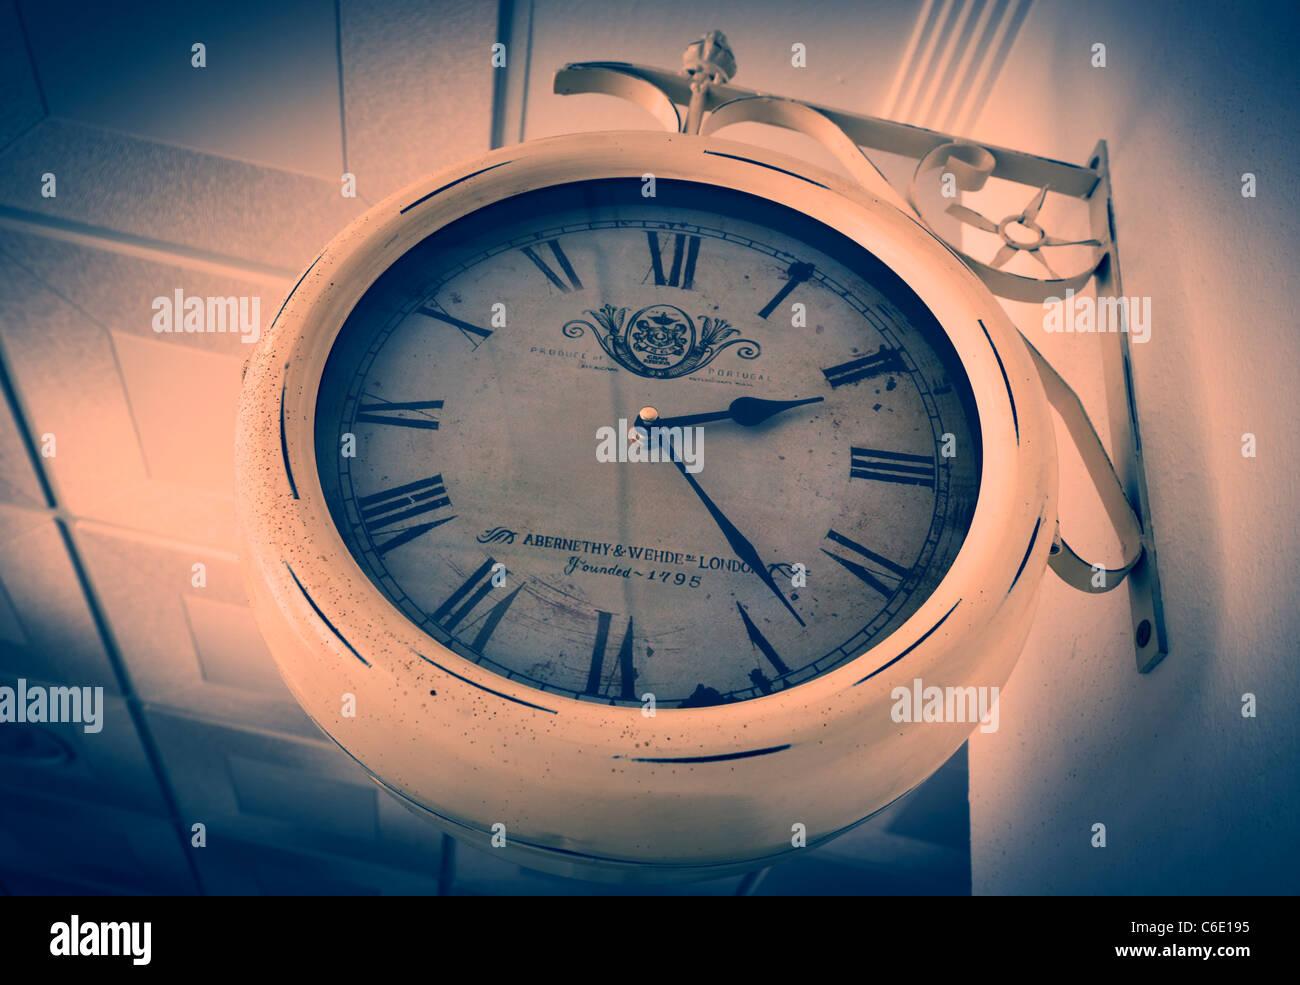 Alte Uhr mit römischen Ziffern auf Wand. Stockbild